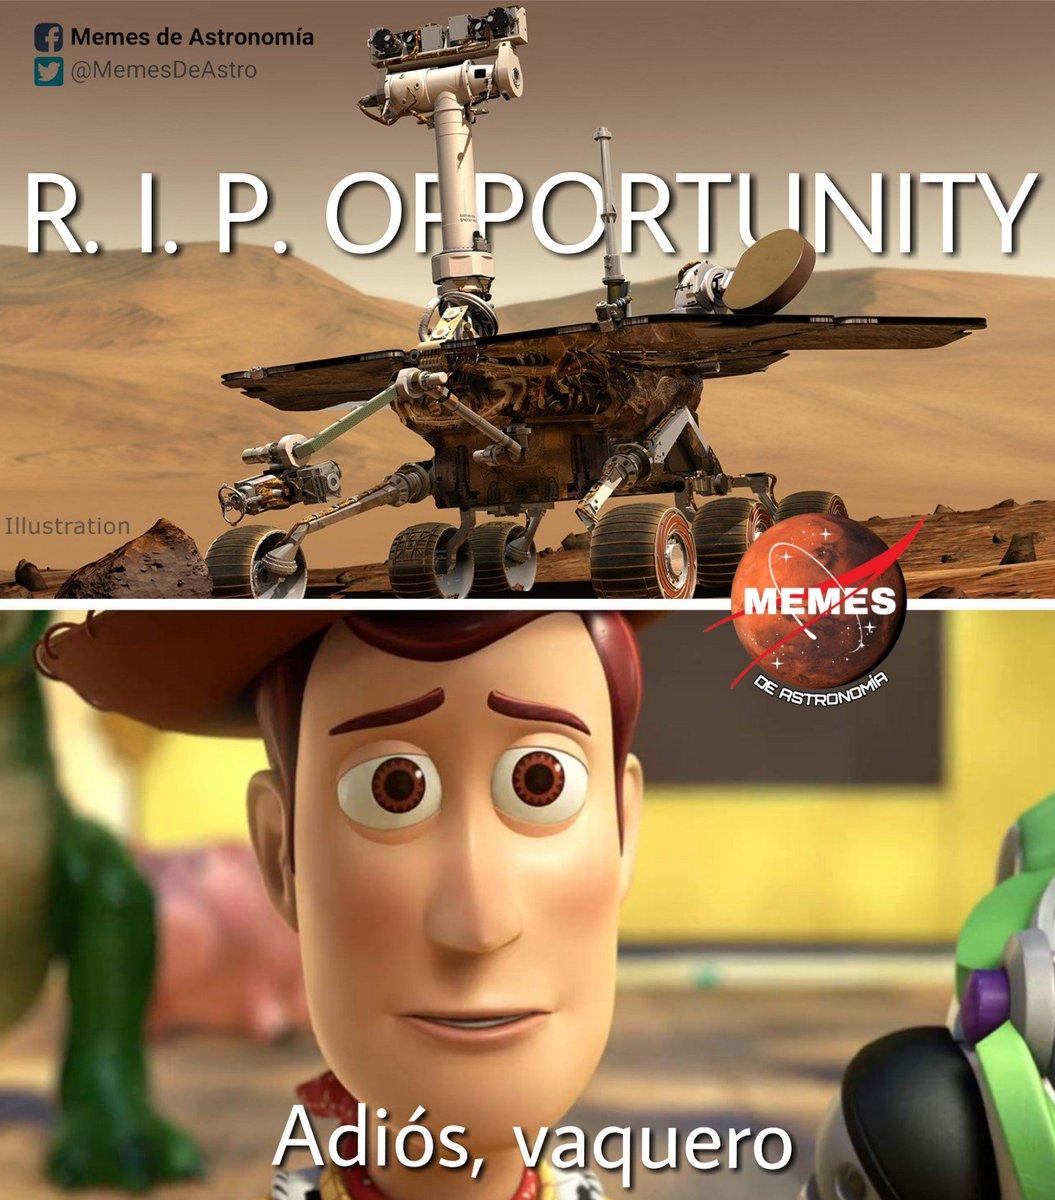 Hace 8 meses que el Rover Opportunity cerró por última vez sus ojitos y entró en un sueño profundo del que nadie lo pudo despertar. Gracias por tanto. :') #ThanksOppy